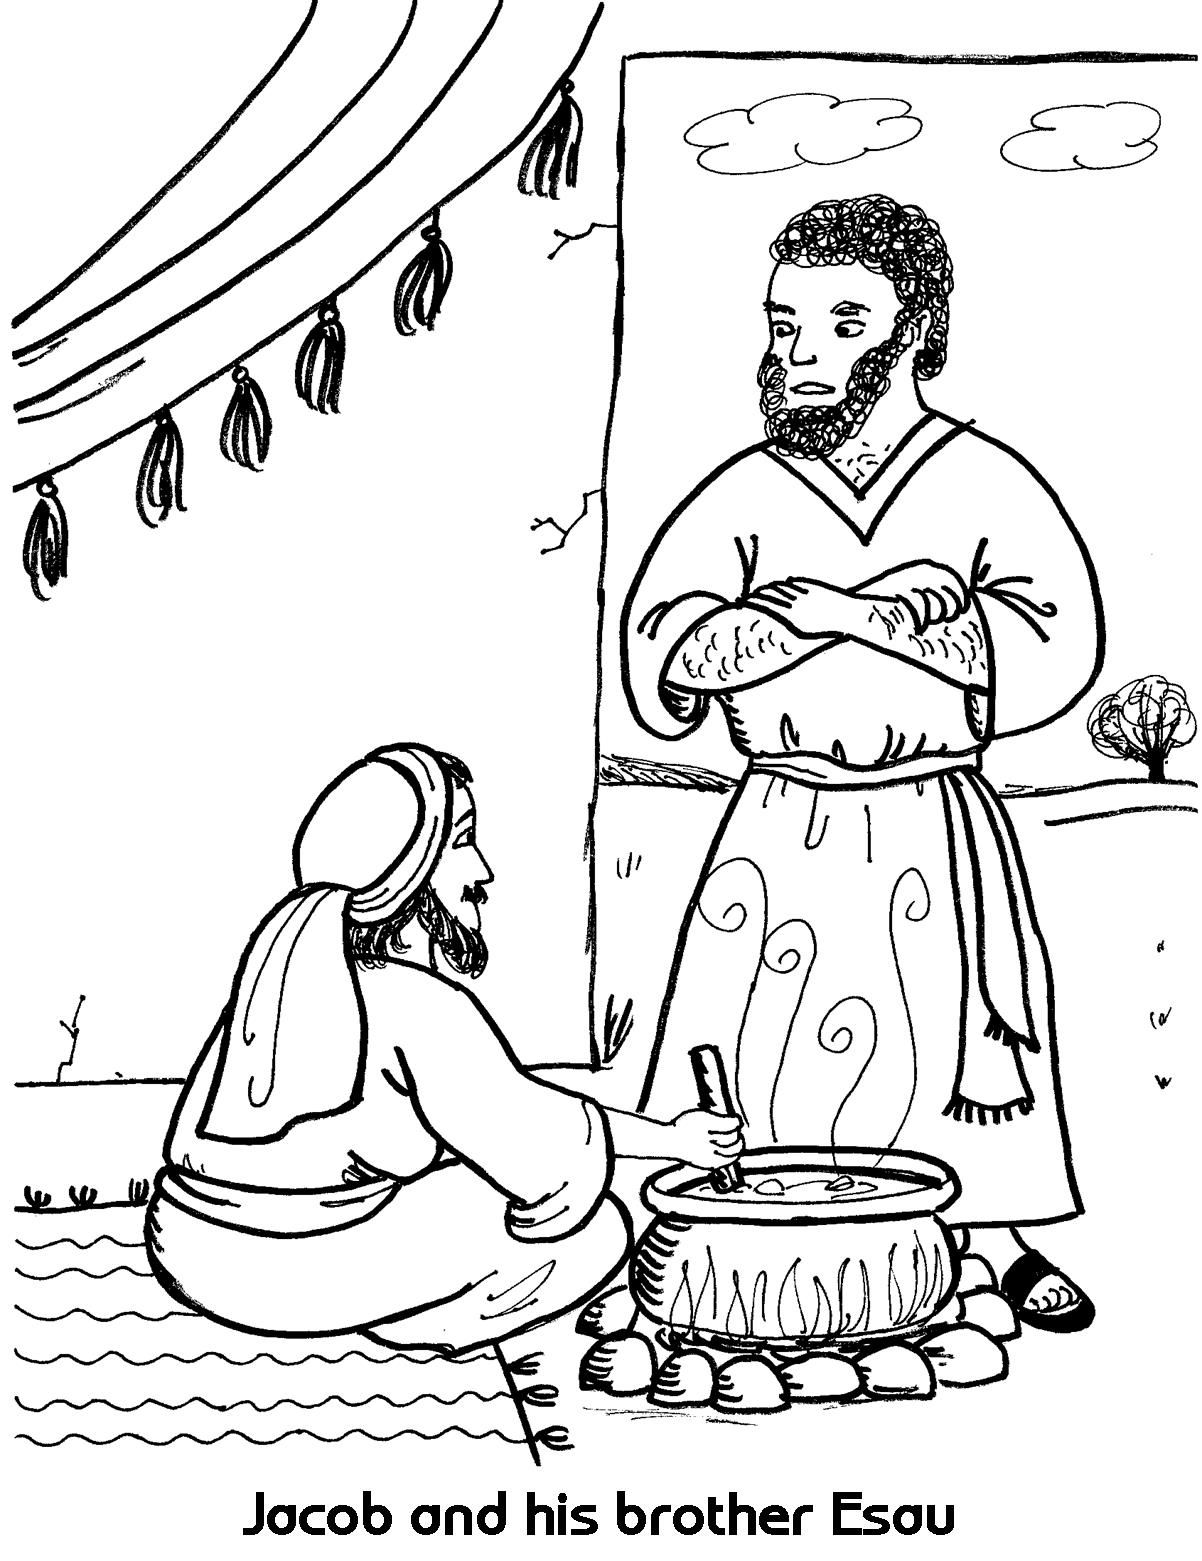 Pin on Jacob and Esau